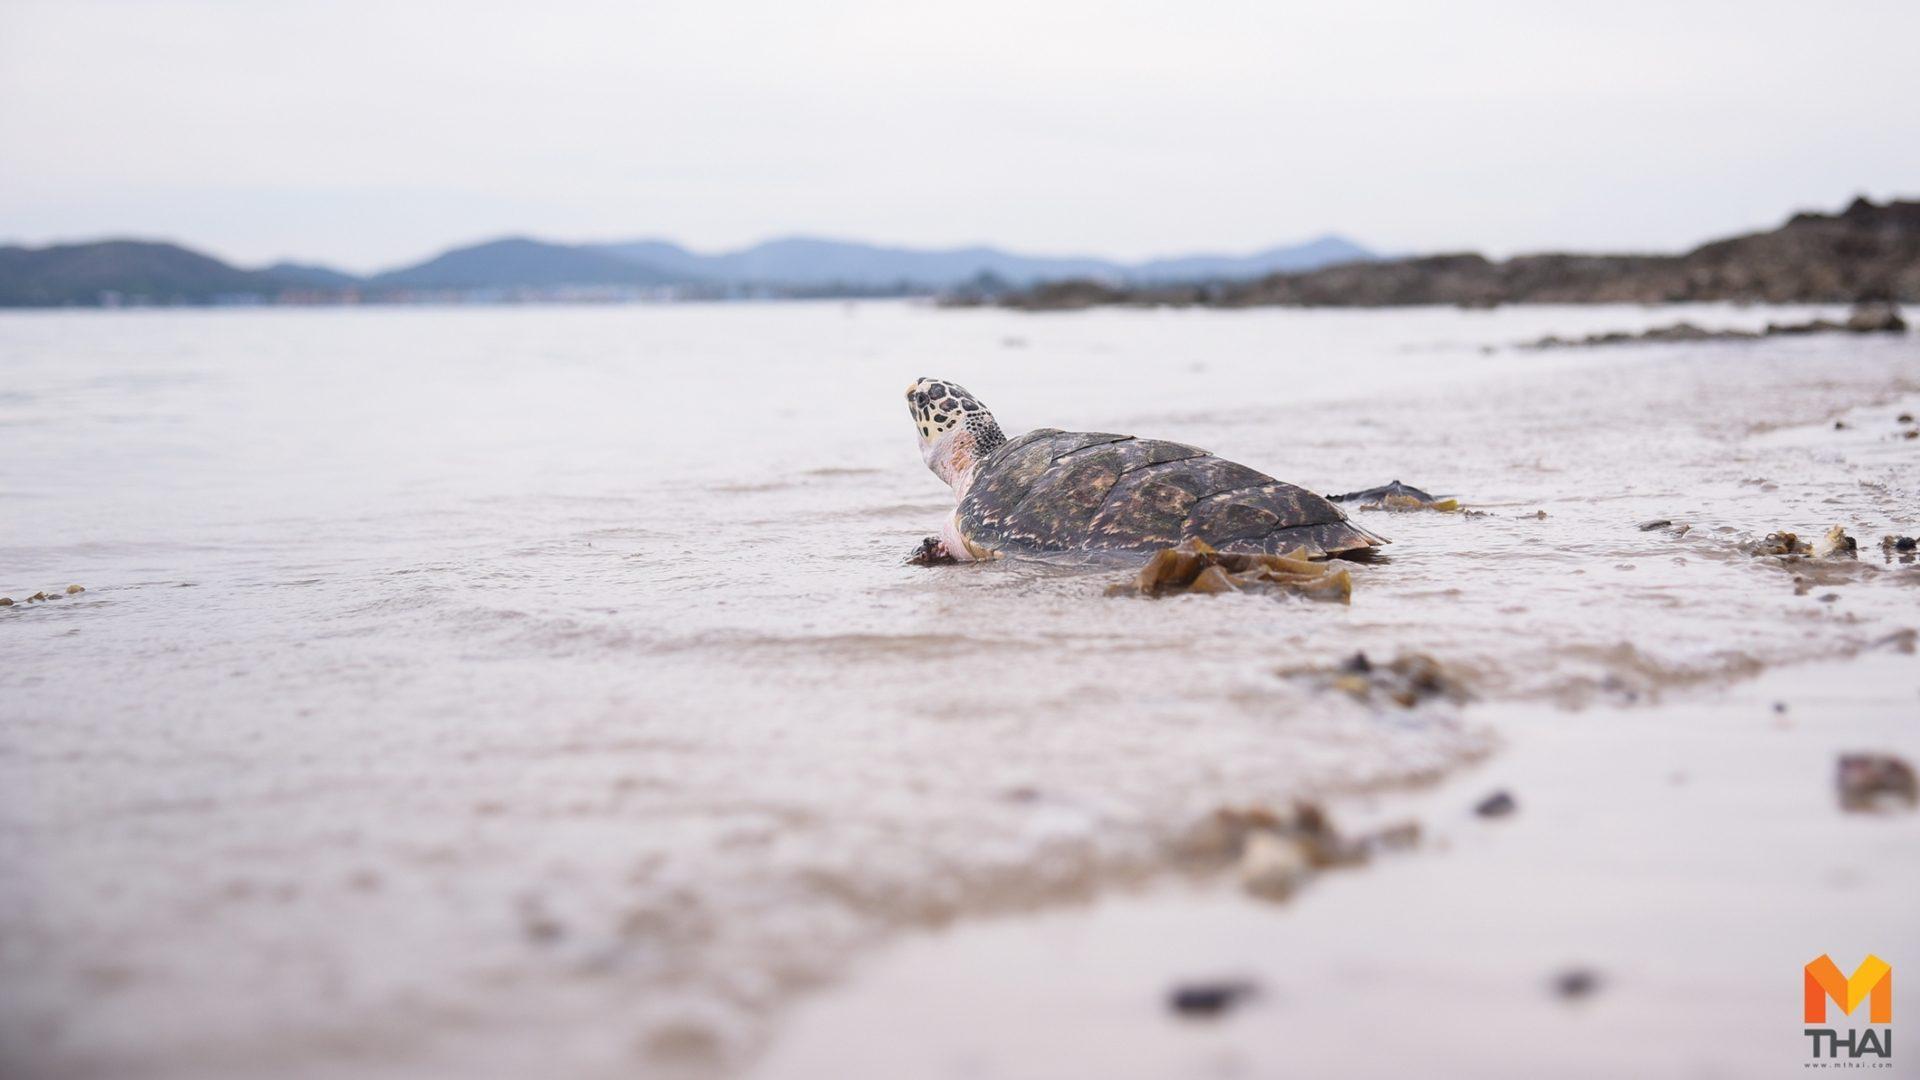 ปล่อยเต่าคือถิ่นทะเล เตรียมฟื้นฟูแหล่งท่องเที่ยวสัตหีบ